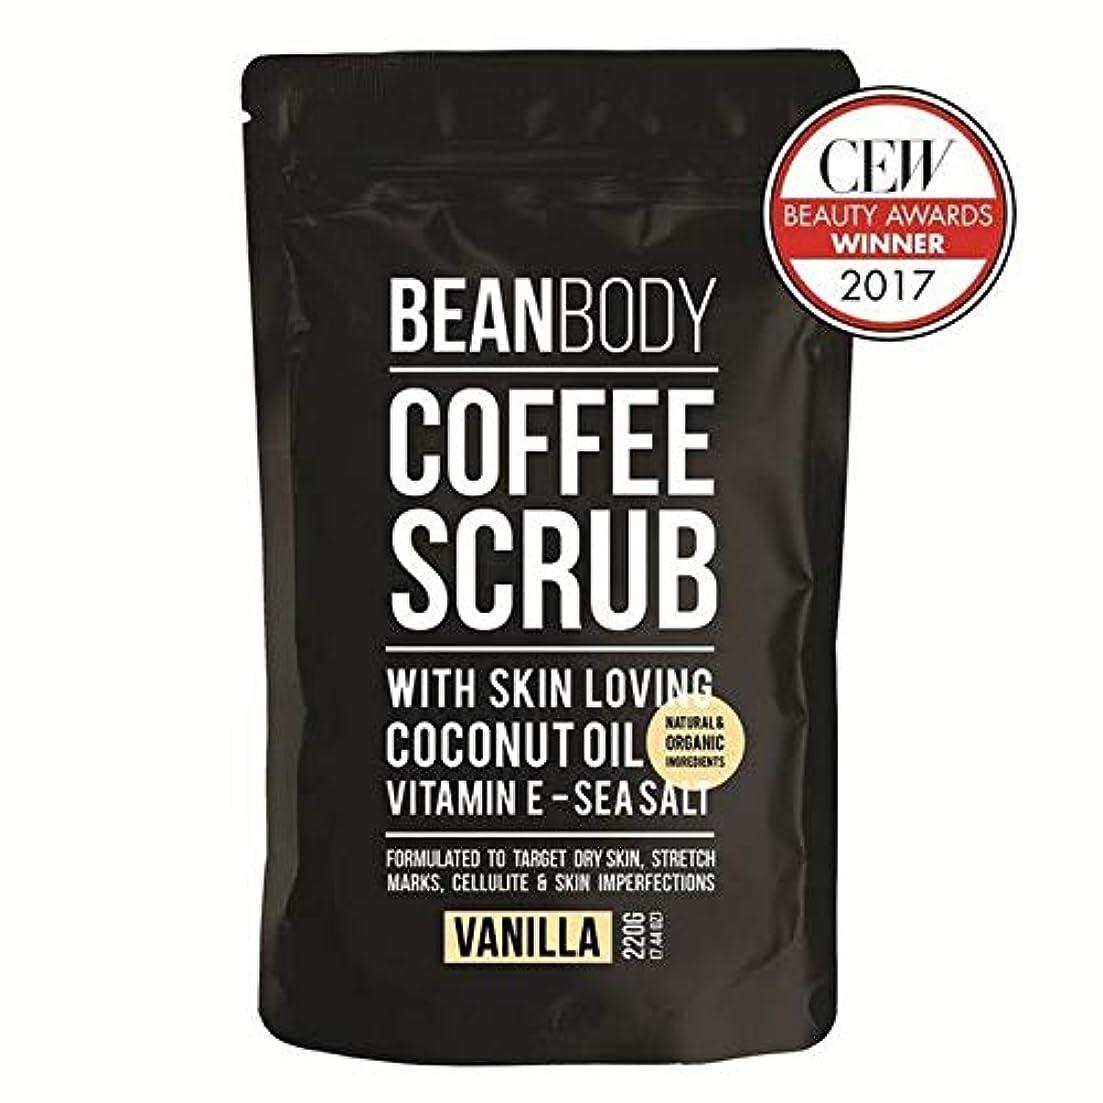 橋脚アトミック人差し指[Bean Body ] 豆のボディスクラブコーヒー、バニラ220グラム - Bean Body Coffee Scrub, Vanilla 220g [並行輸入品]